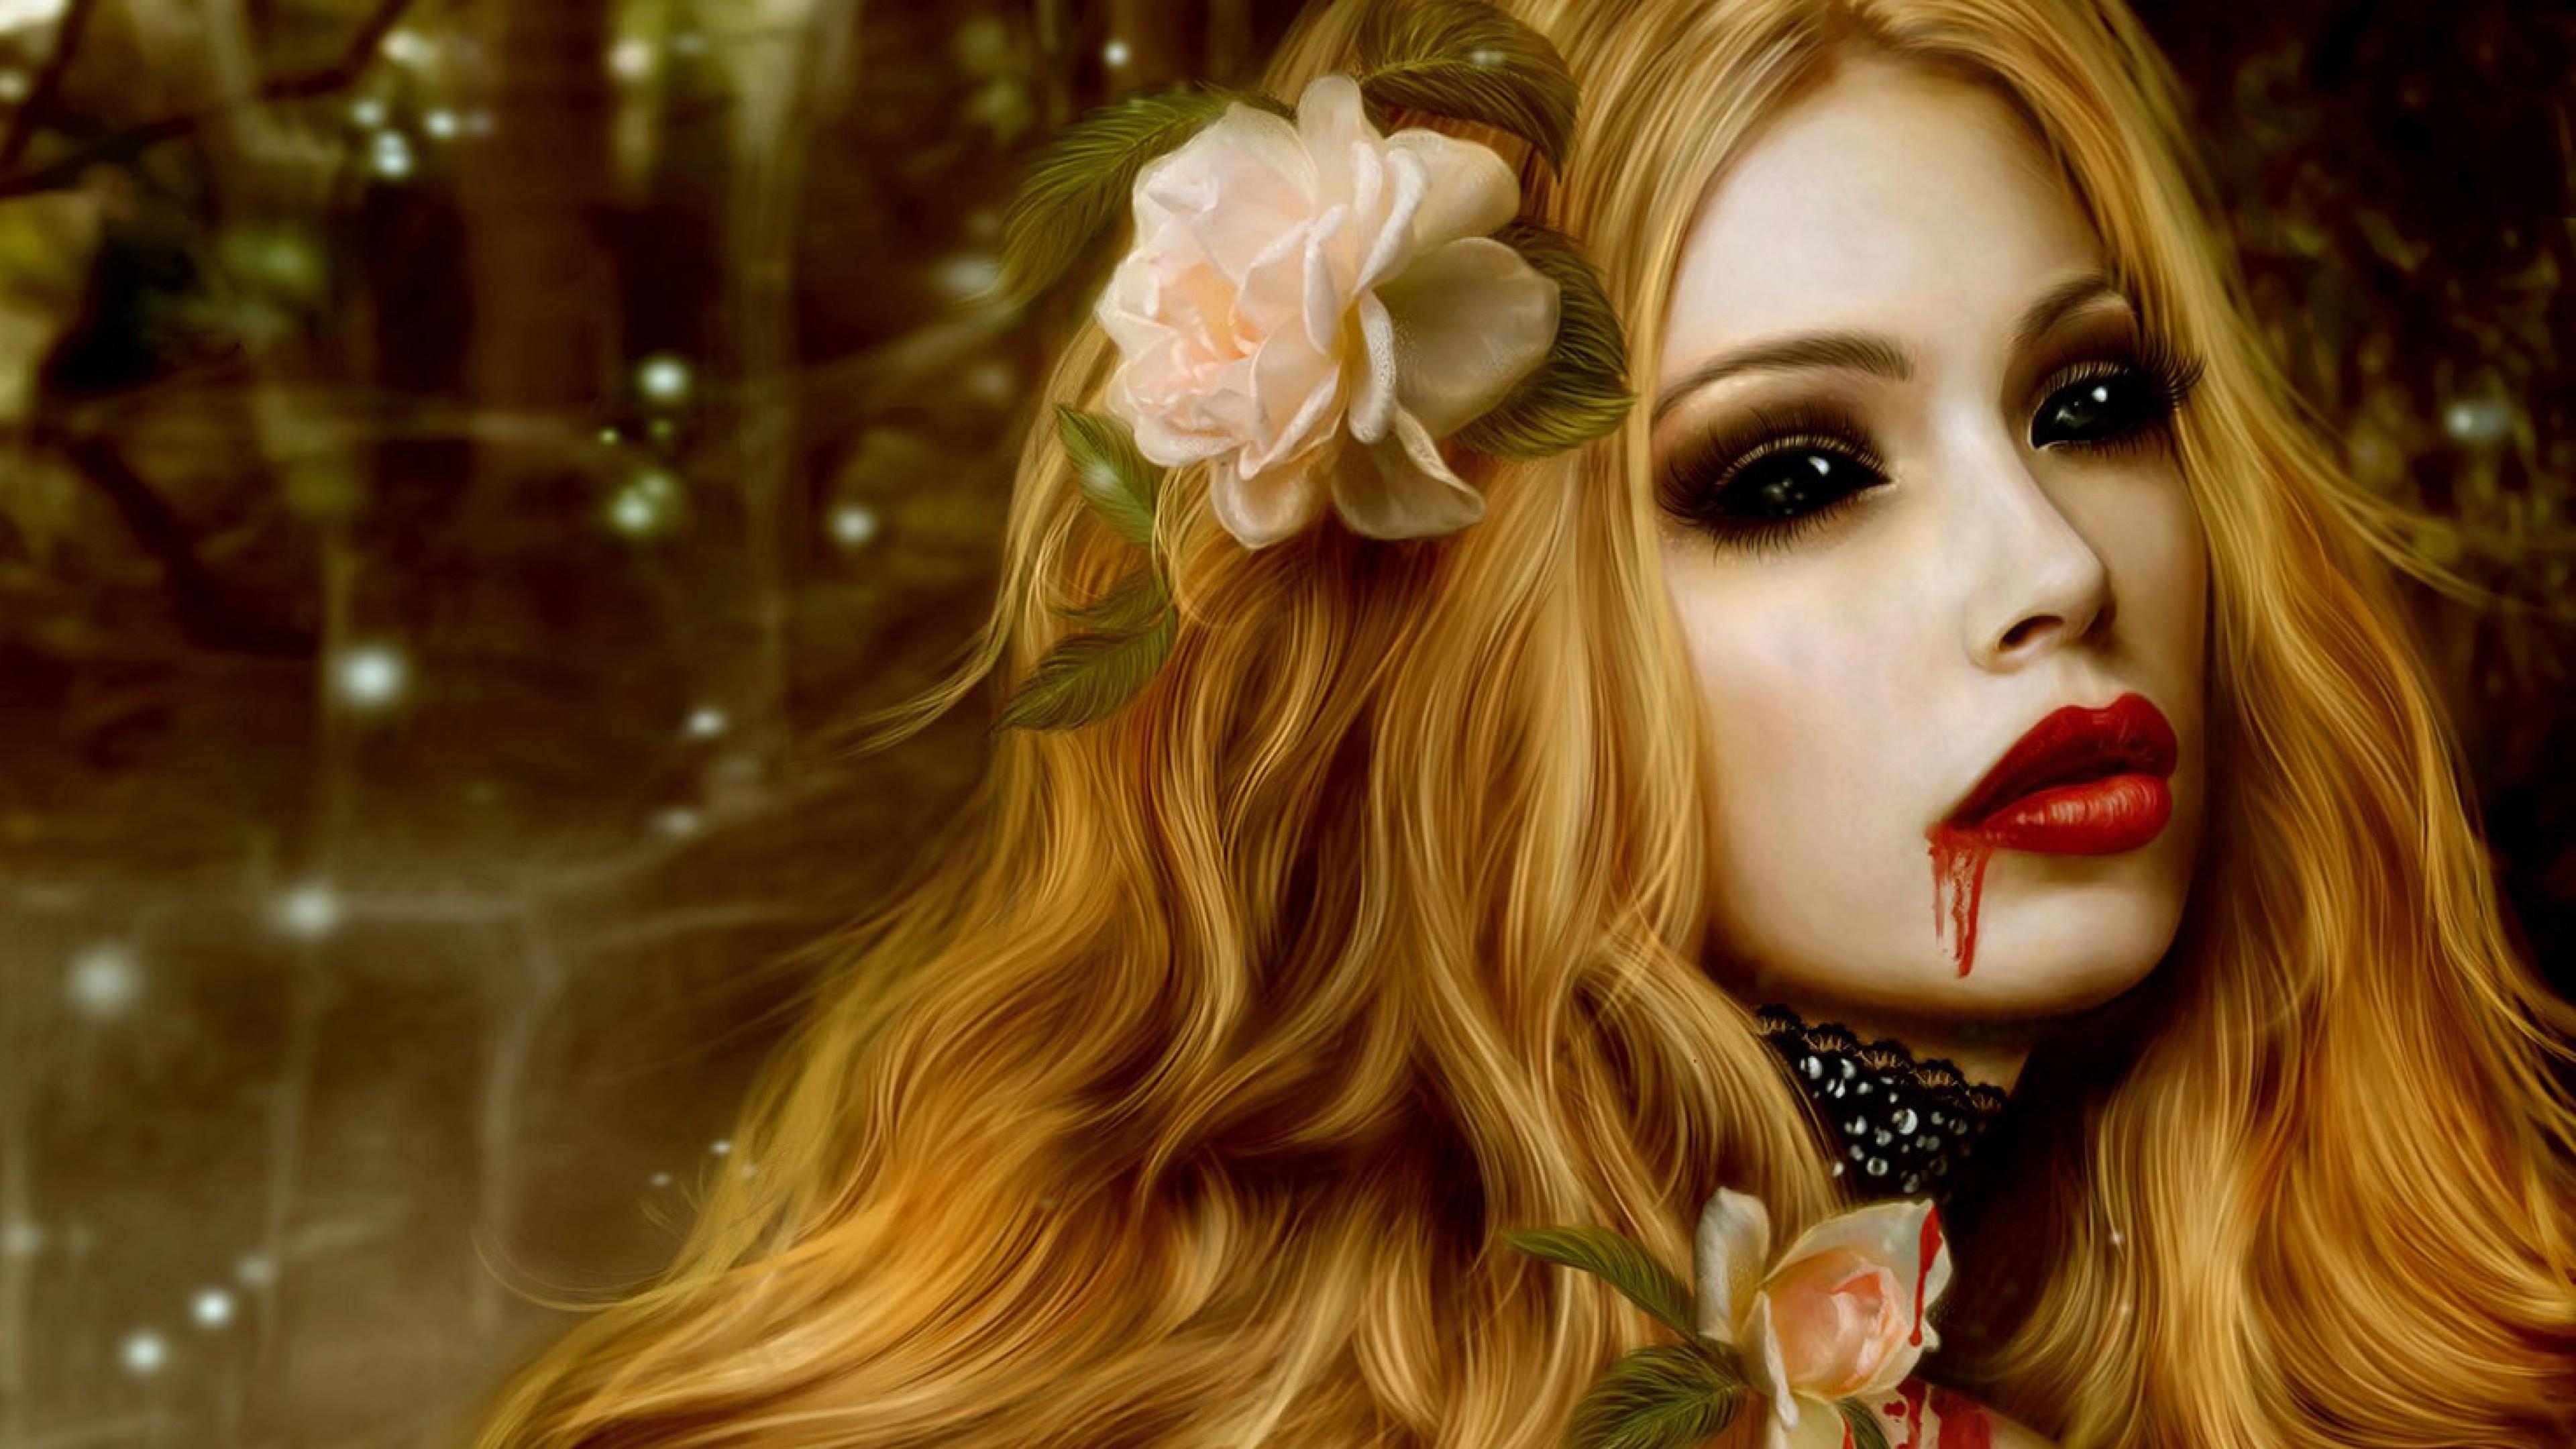 Preview wallpaper vampire, blood, flowers, girl, lips 3840×2160